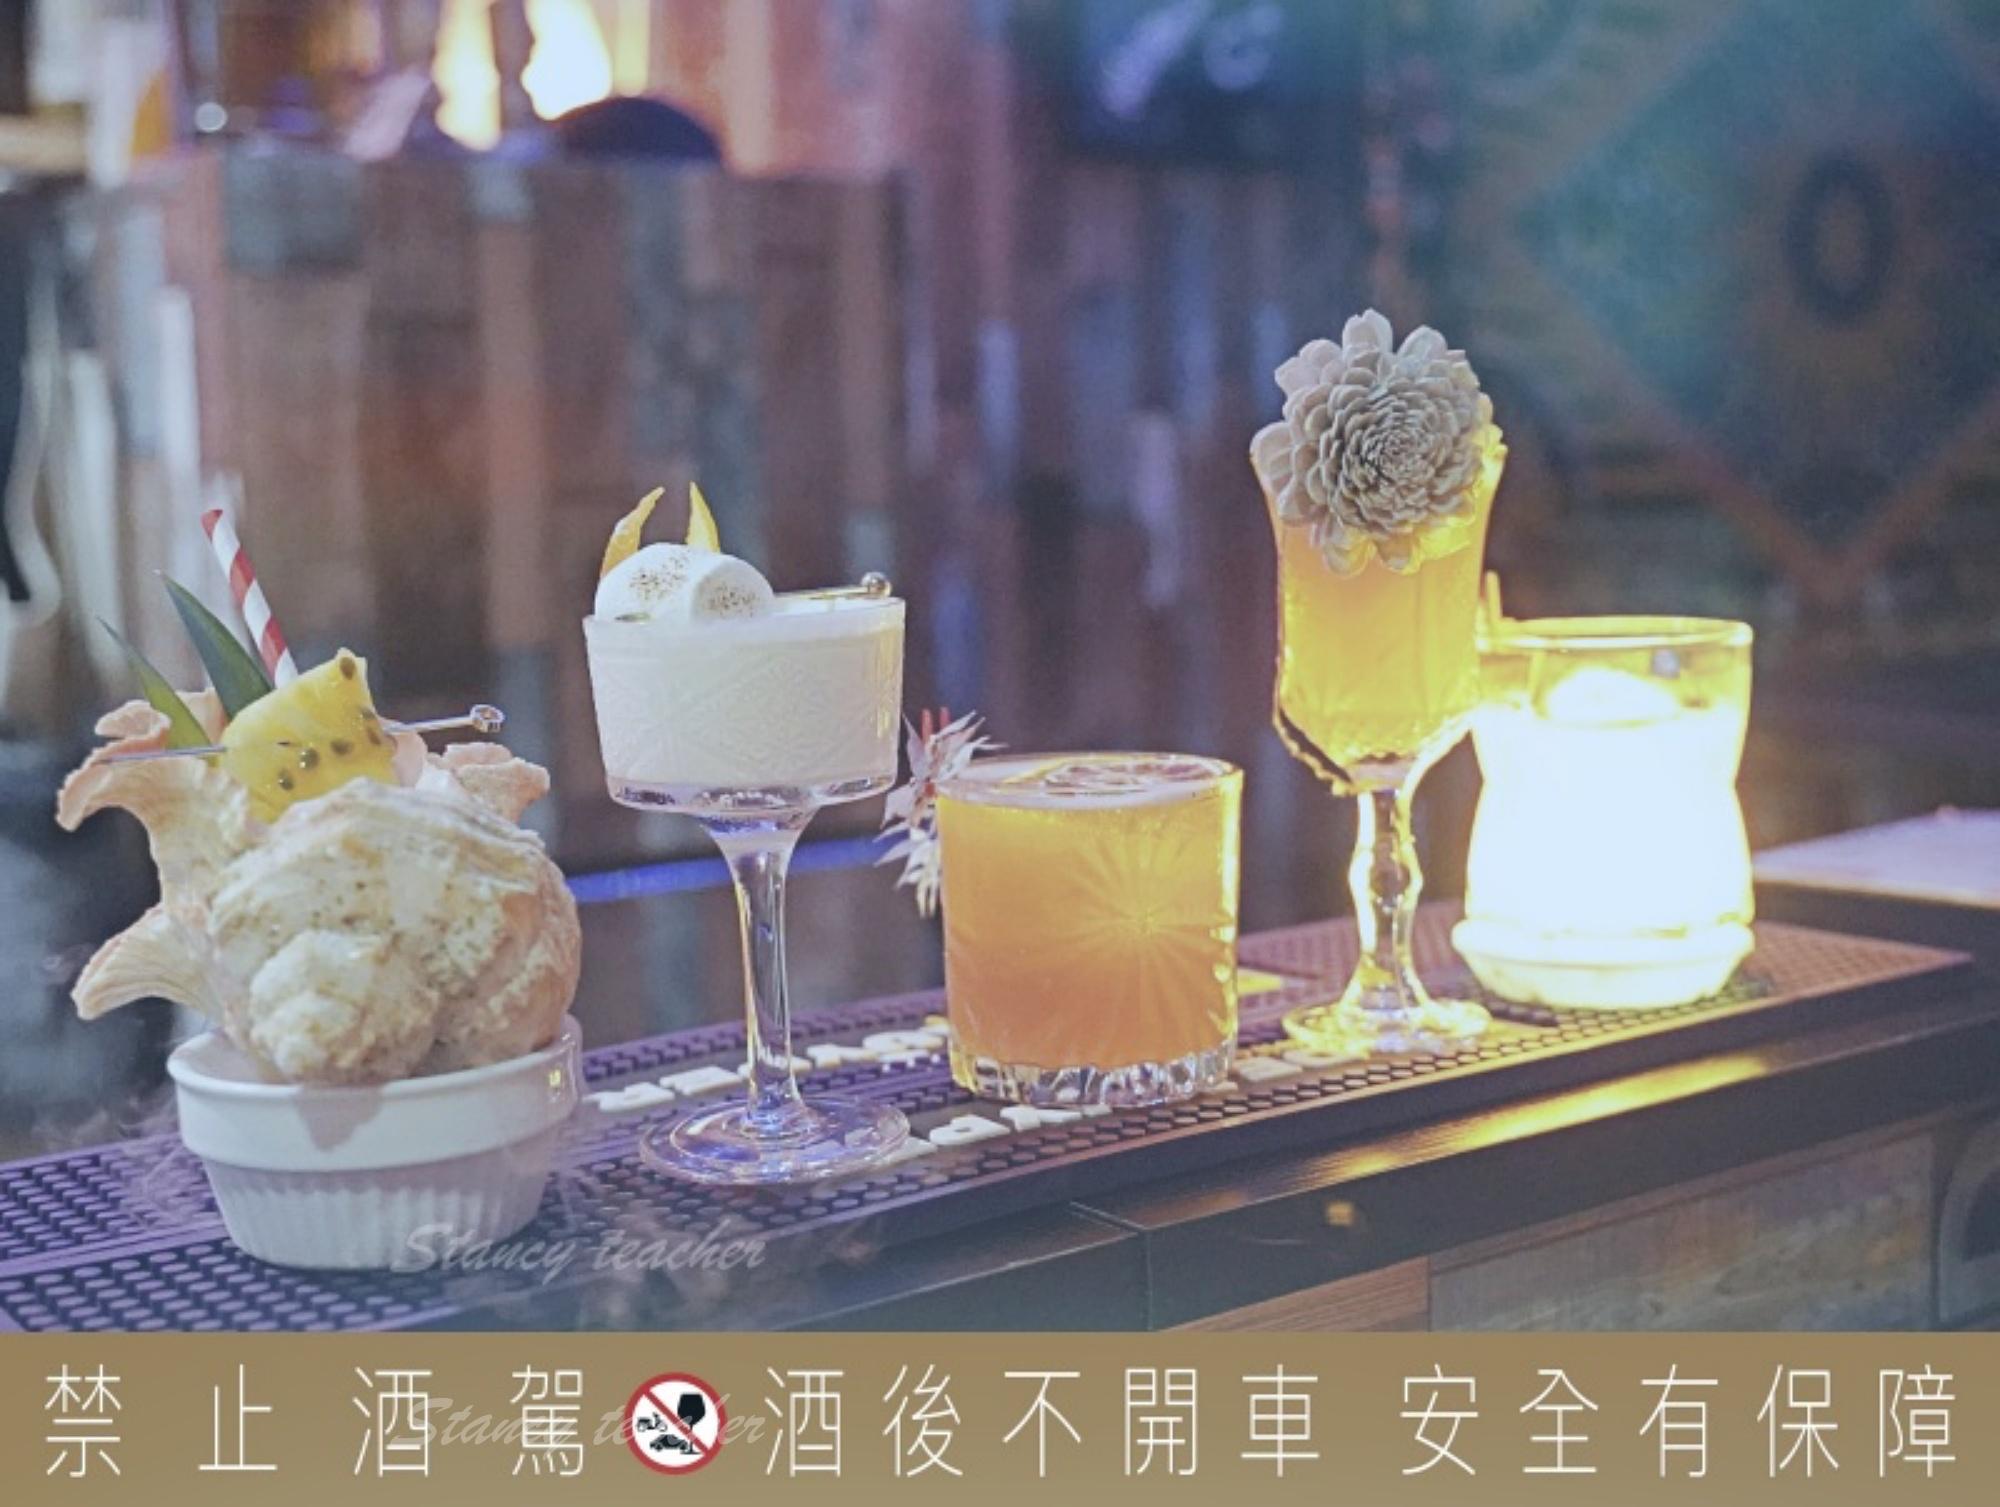 澎湖馬公酒吧|蓓菈BELLA調酒專賣所|cocktailbar.bella|澎湖夜生活|澎湖喝酒聊天推薦